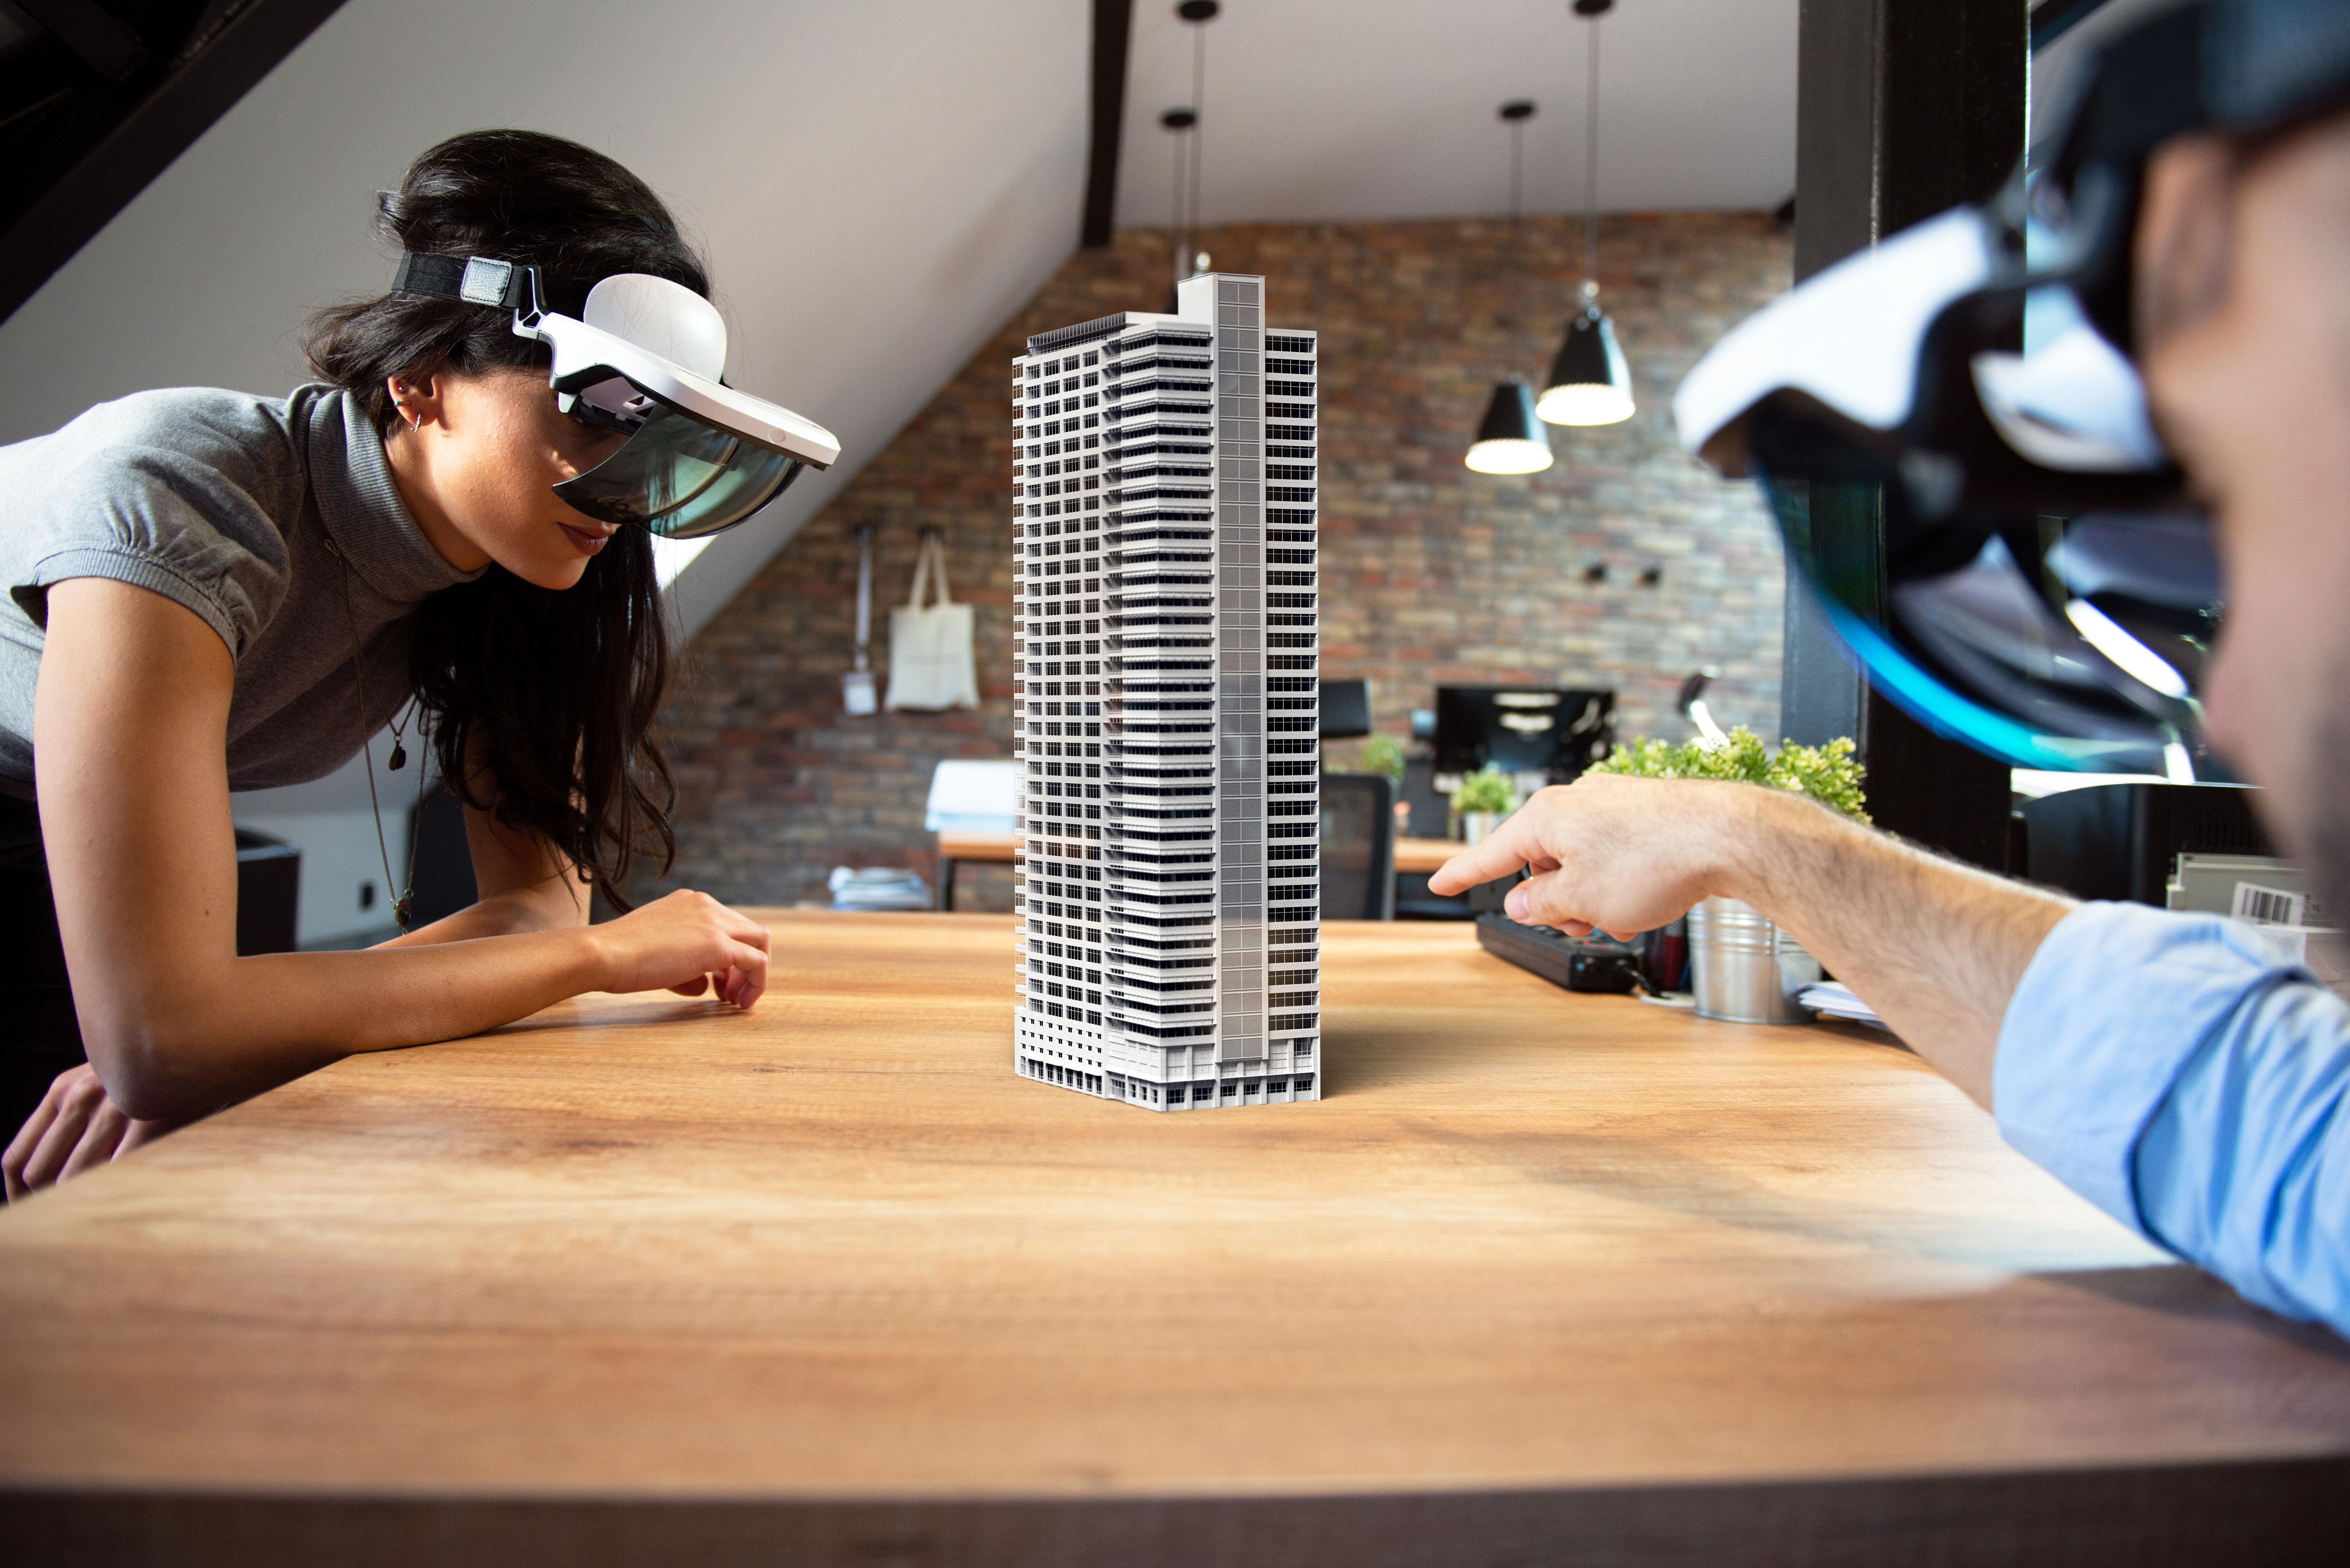 仮想世界と現実世界を重ね合わせる